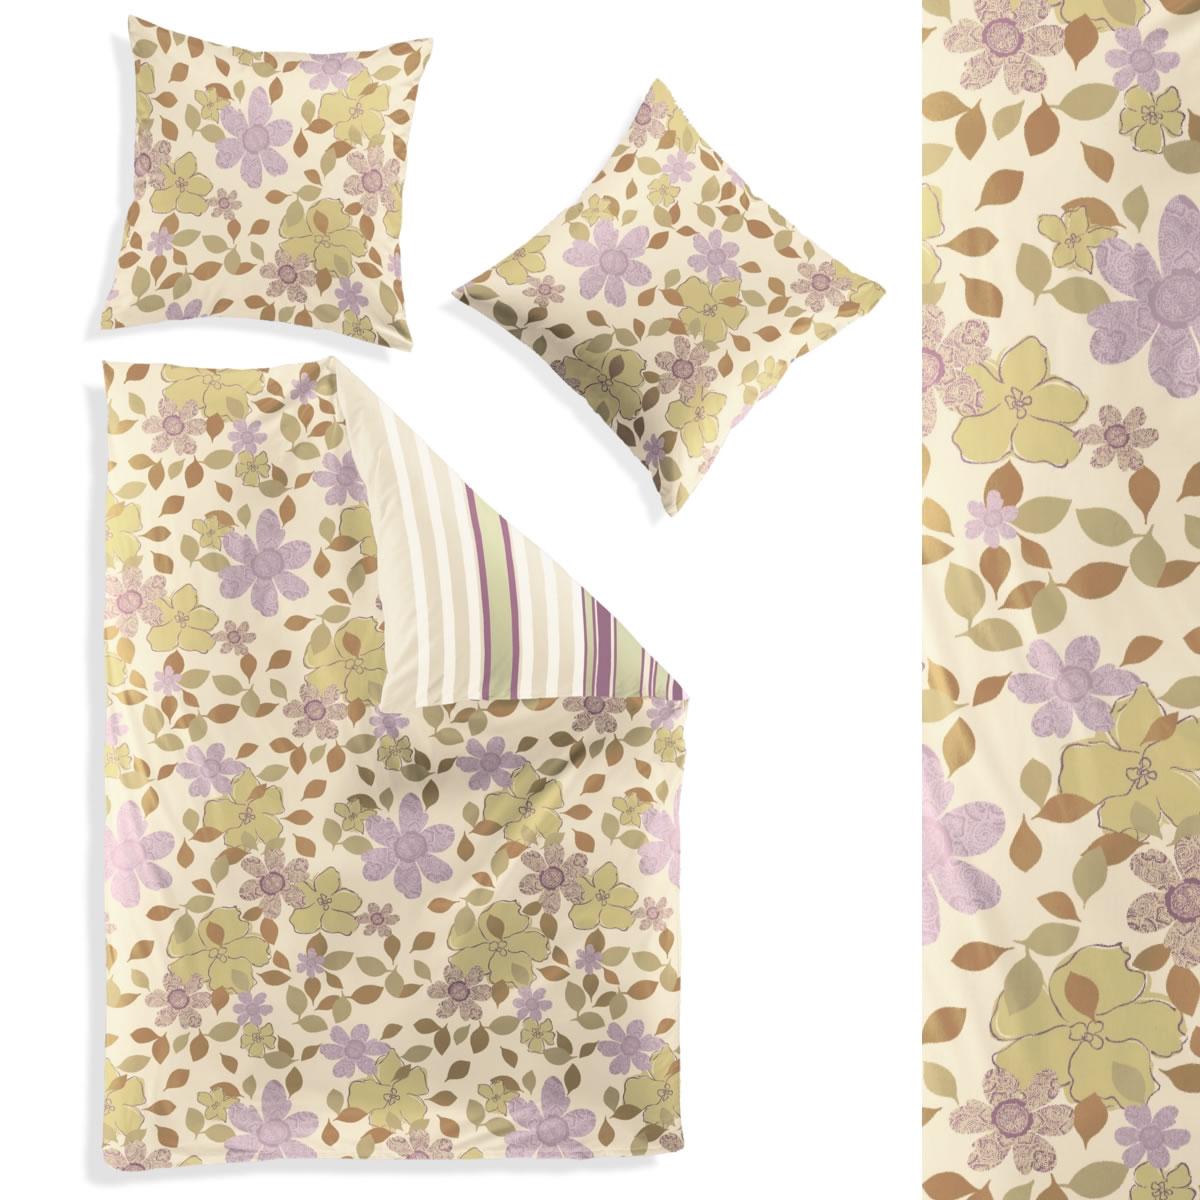 bierbaum smail mako satin wende bettw sche 200x200 cm design 451831. Black Bedroom Furniture Sets. Home Design Ideas